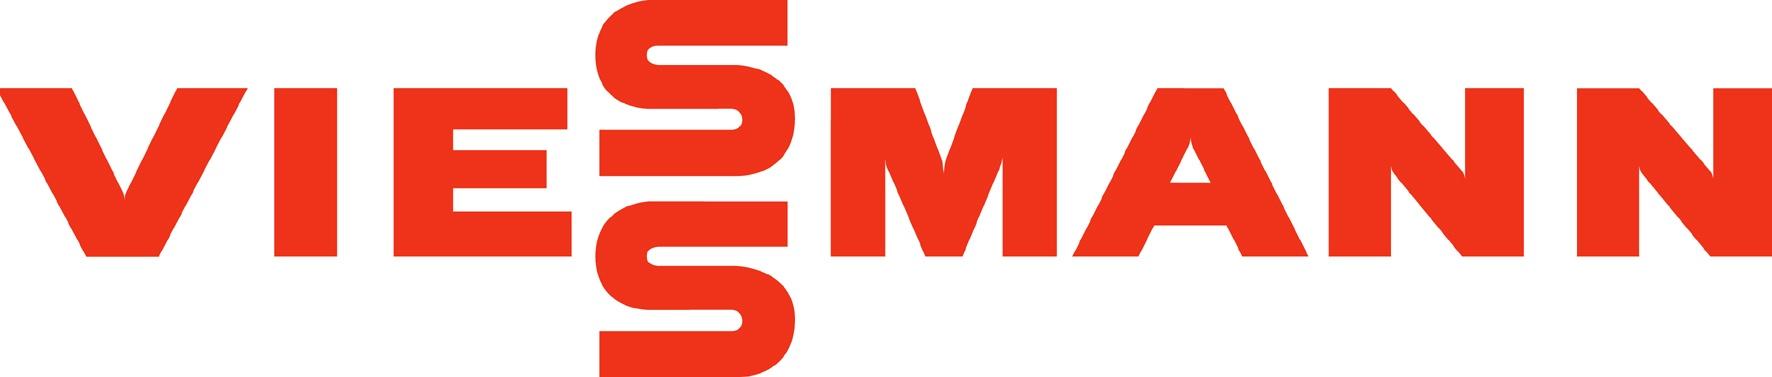 logo-viessmann.jpg